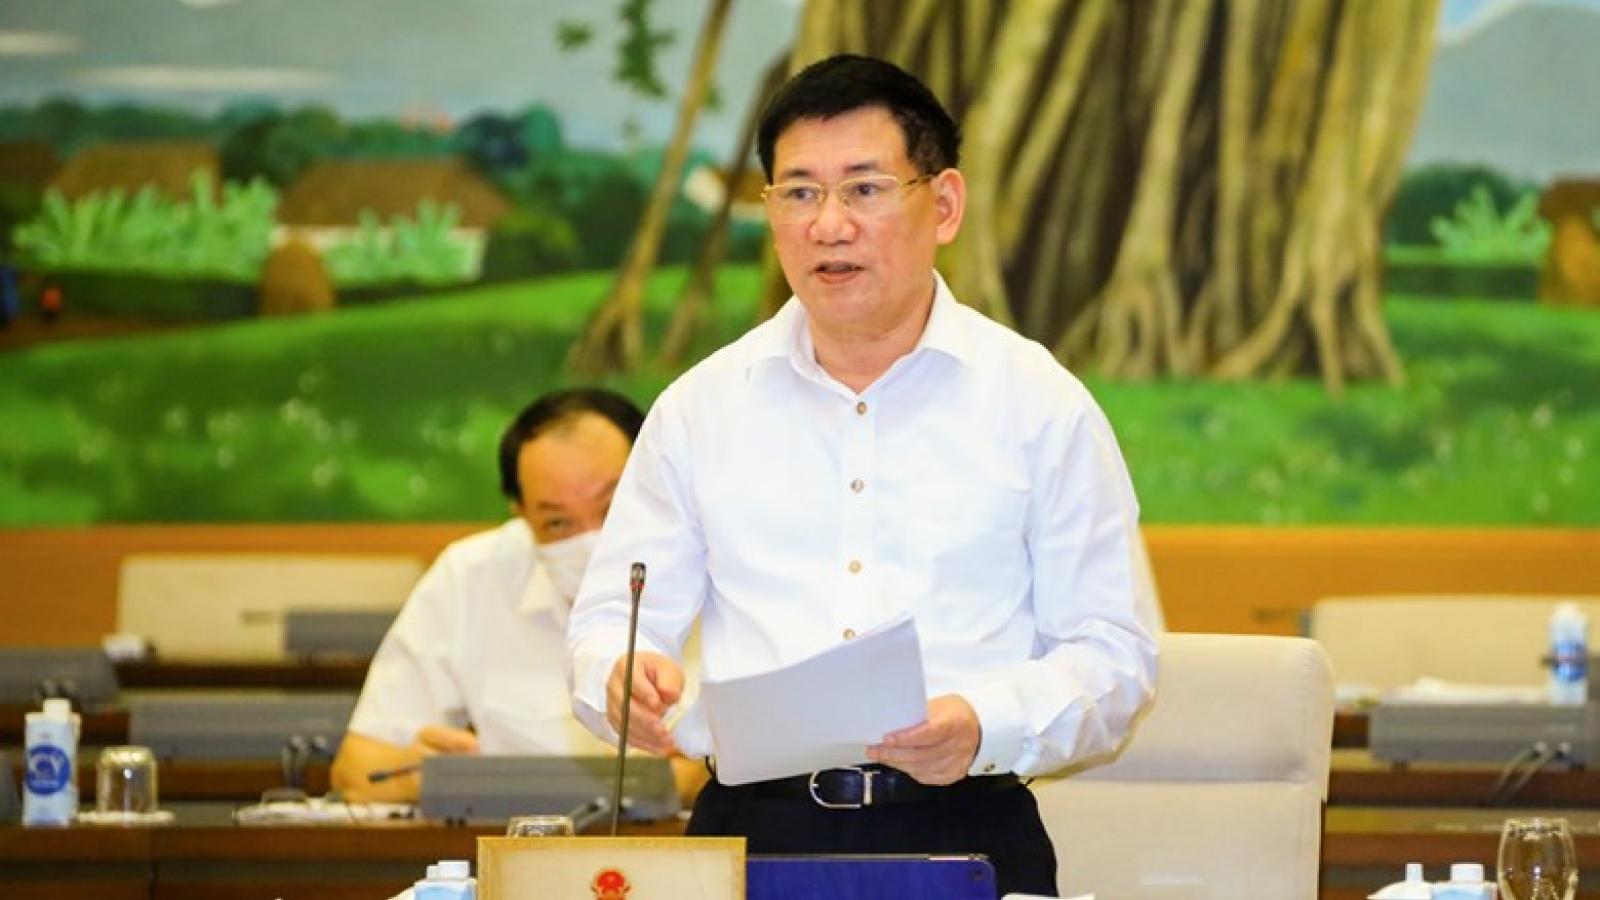 Bộ trưởng Bộ Tài chính: Trình chuyển nguồn 14.620 tỷ đồng để chi chống dịch Covid-19